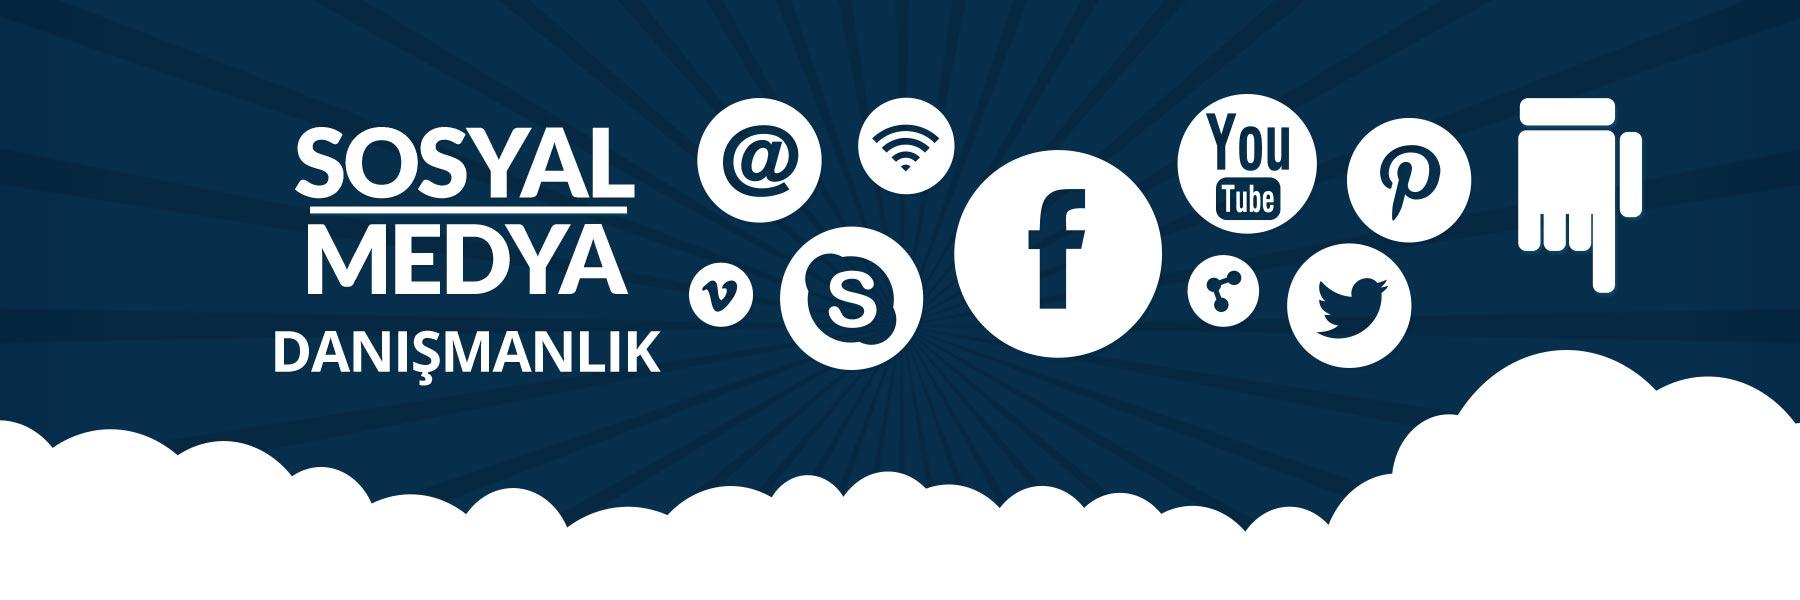 sosyal medya hesap yönetimi